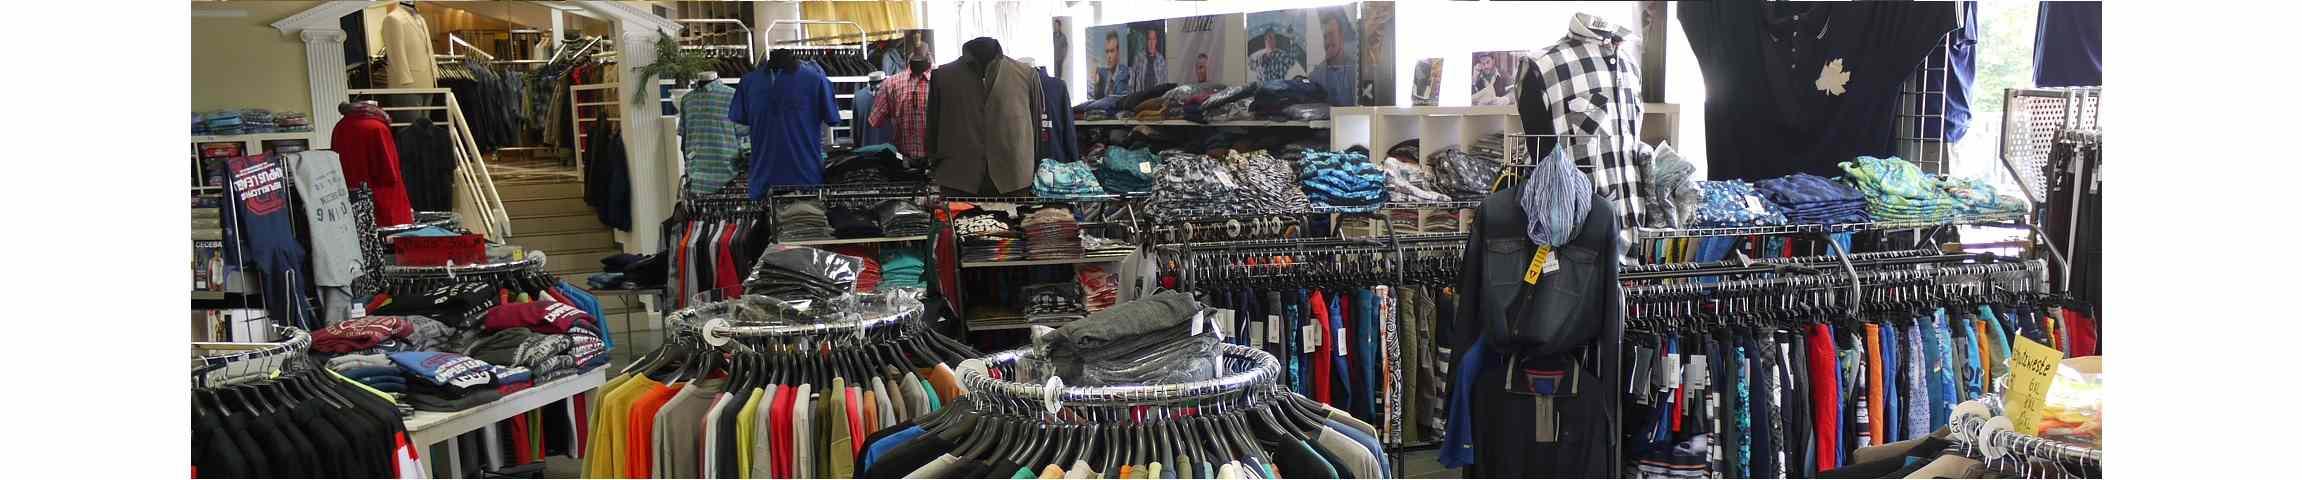 Besuchen Sie uns im Abraxas Store in Hanau